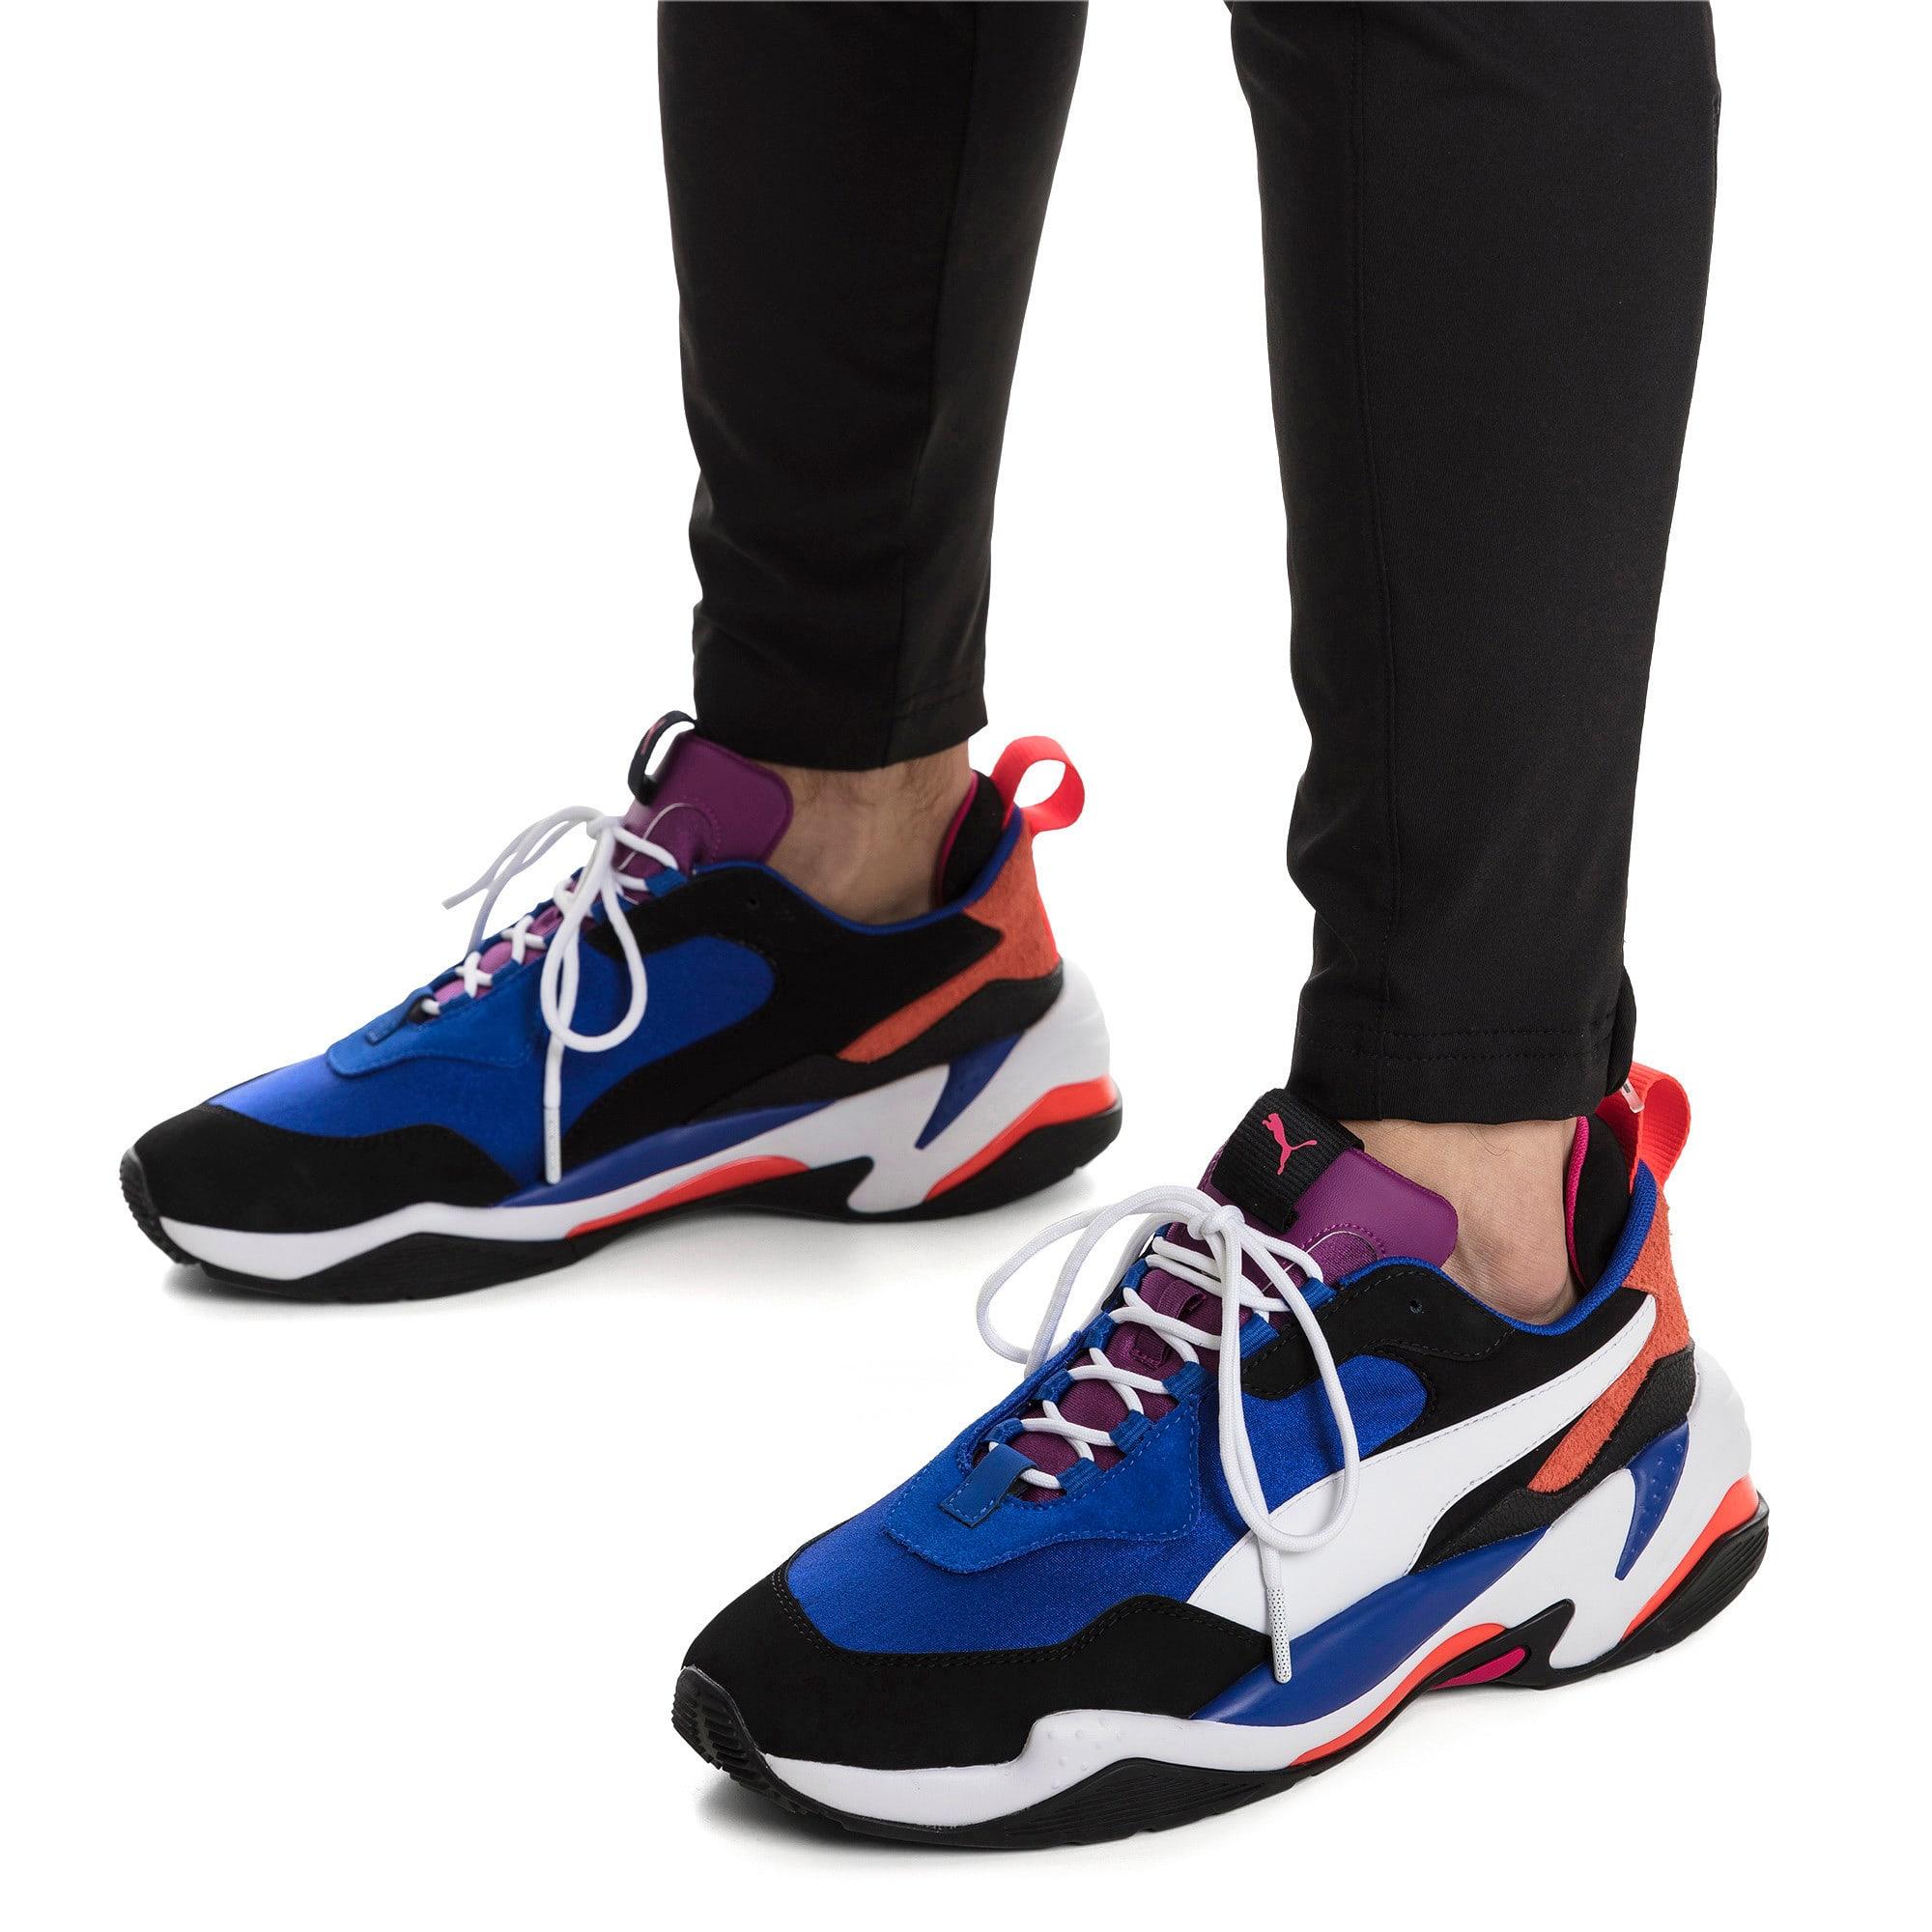 Miniatura 2 de Zapatos deportivos Thunder 4 Life, Surf The Web-Puma White, mediano